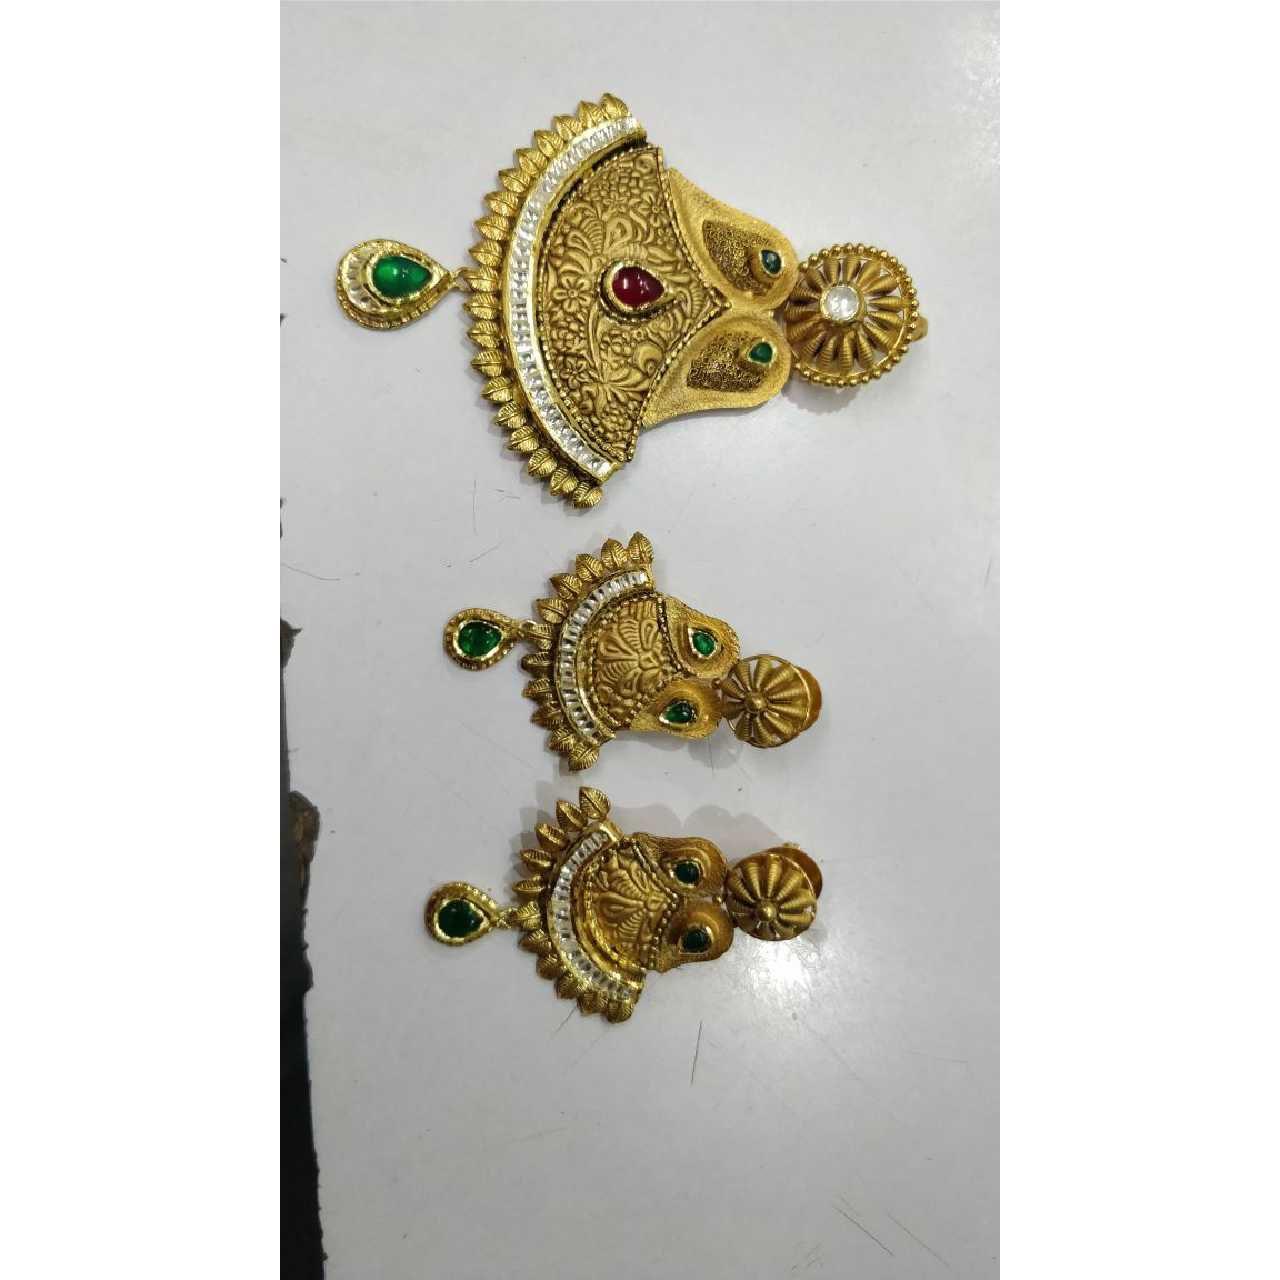 22K / 916 Gold Antique Single Naka Pendant Set